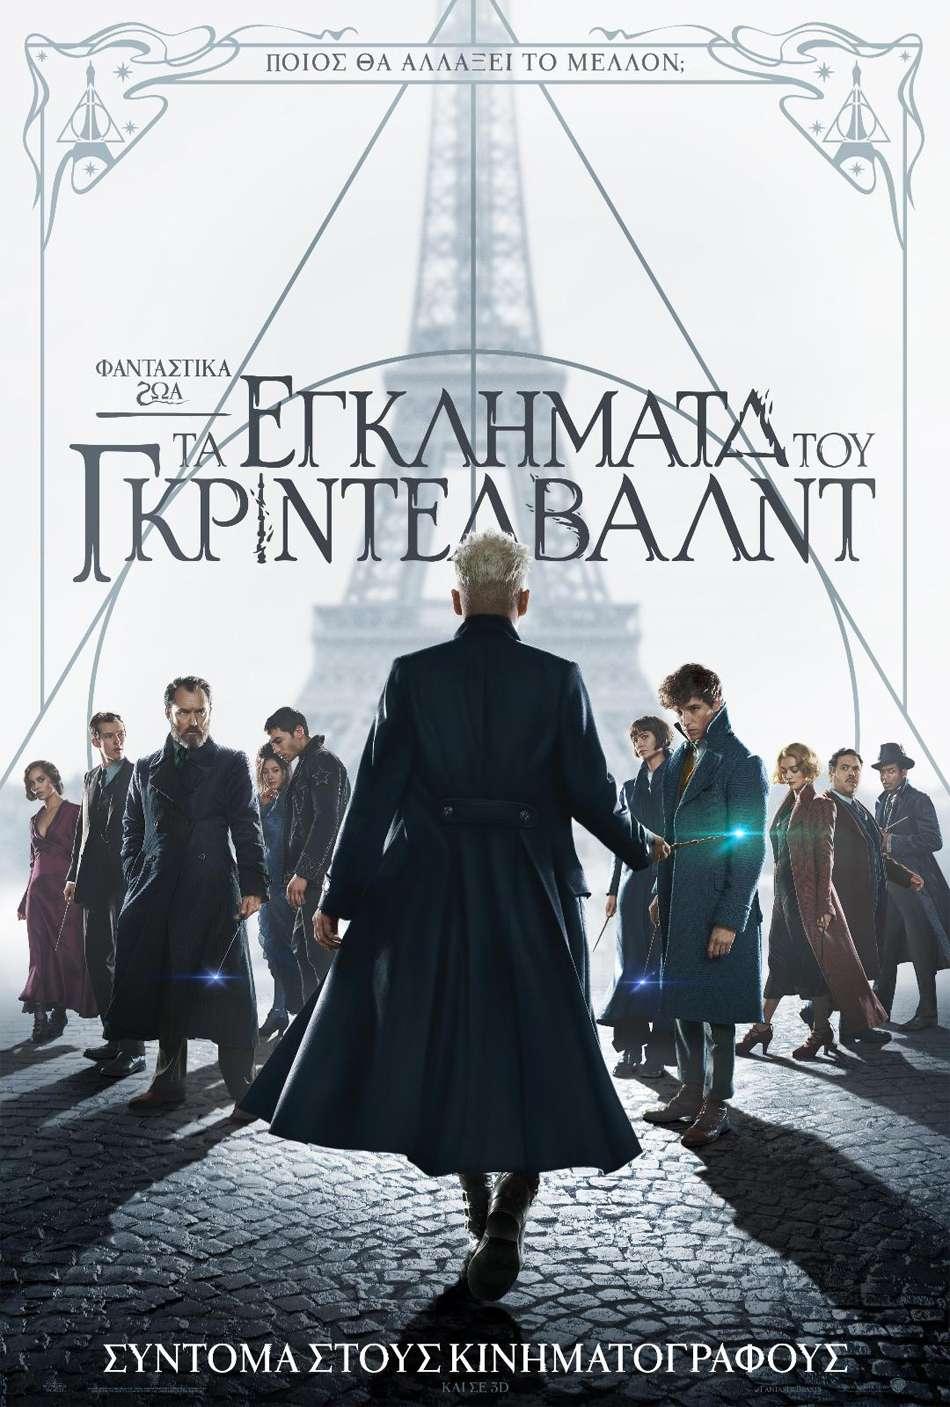 Φανταστικά Ζώα: Τα εγκλήματα του Γκρίντελβαλντ (Fantastic Beasts: The Crimes of Grindelwald) Poster